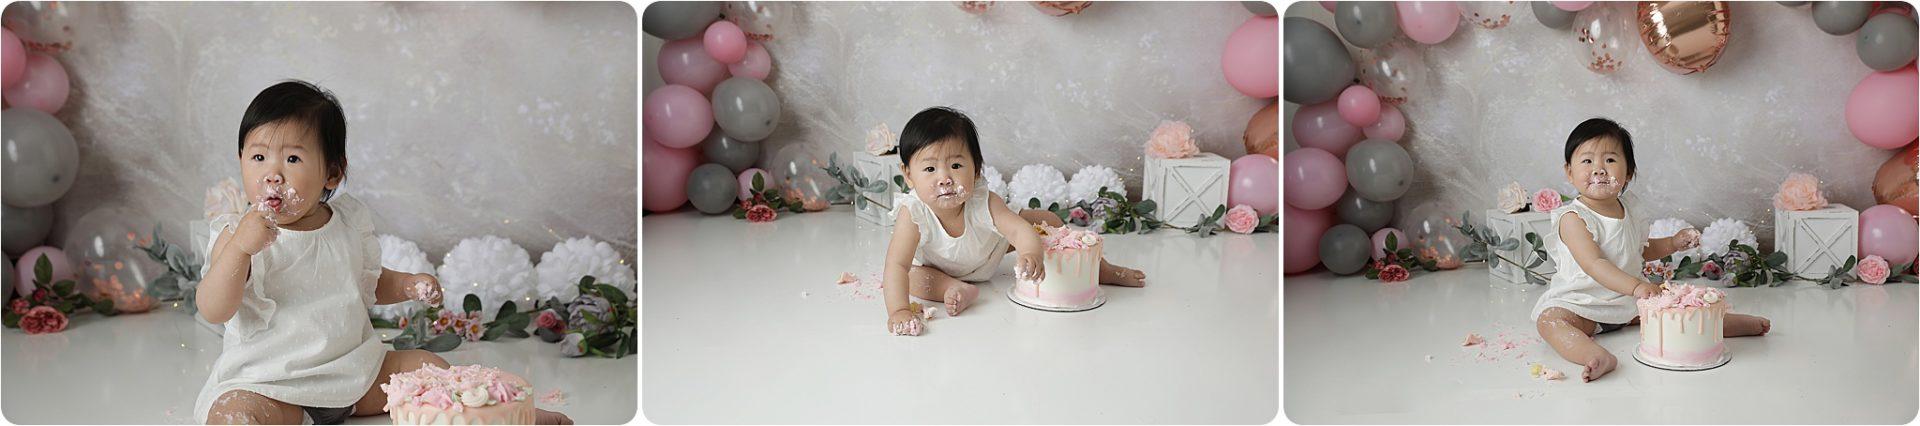 tucson baby birthday pictures